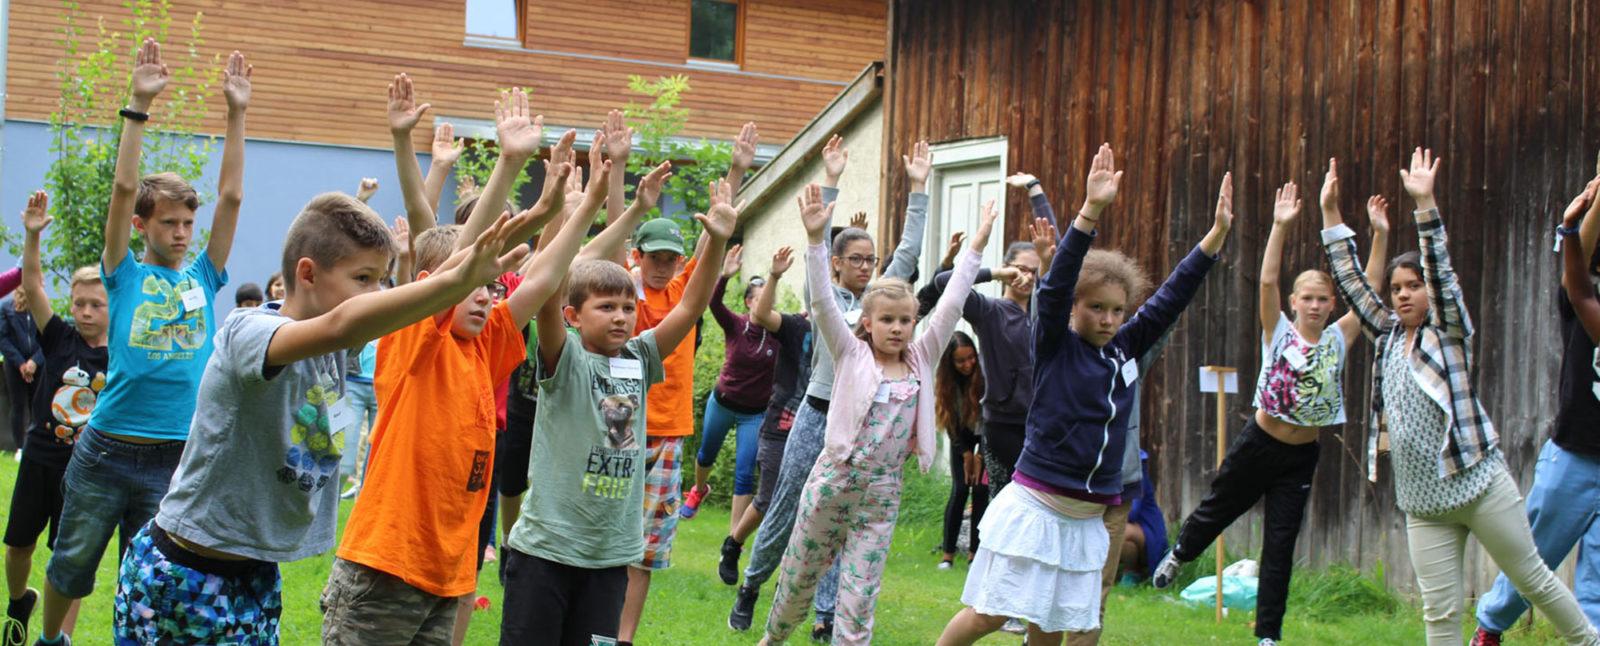 Jugendkulturtage 2016